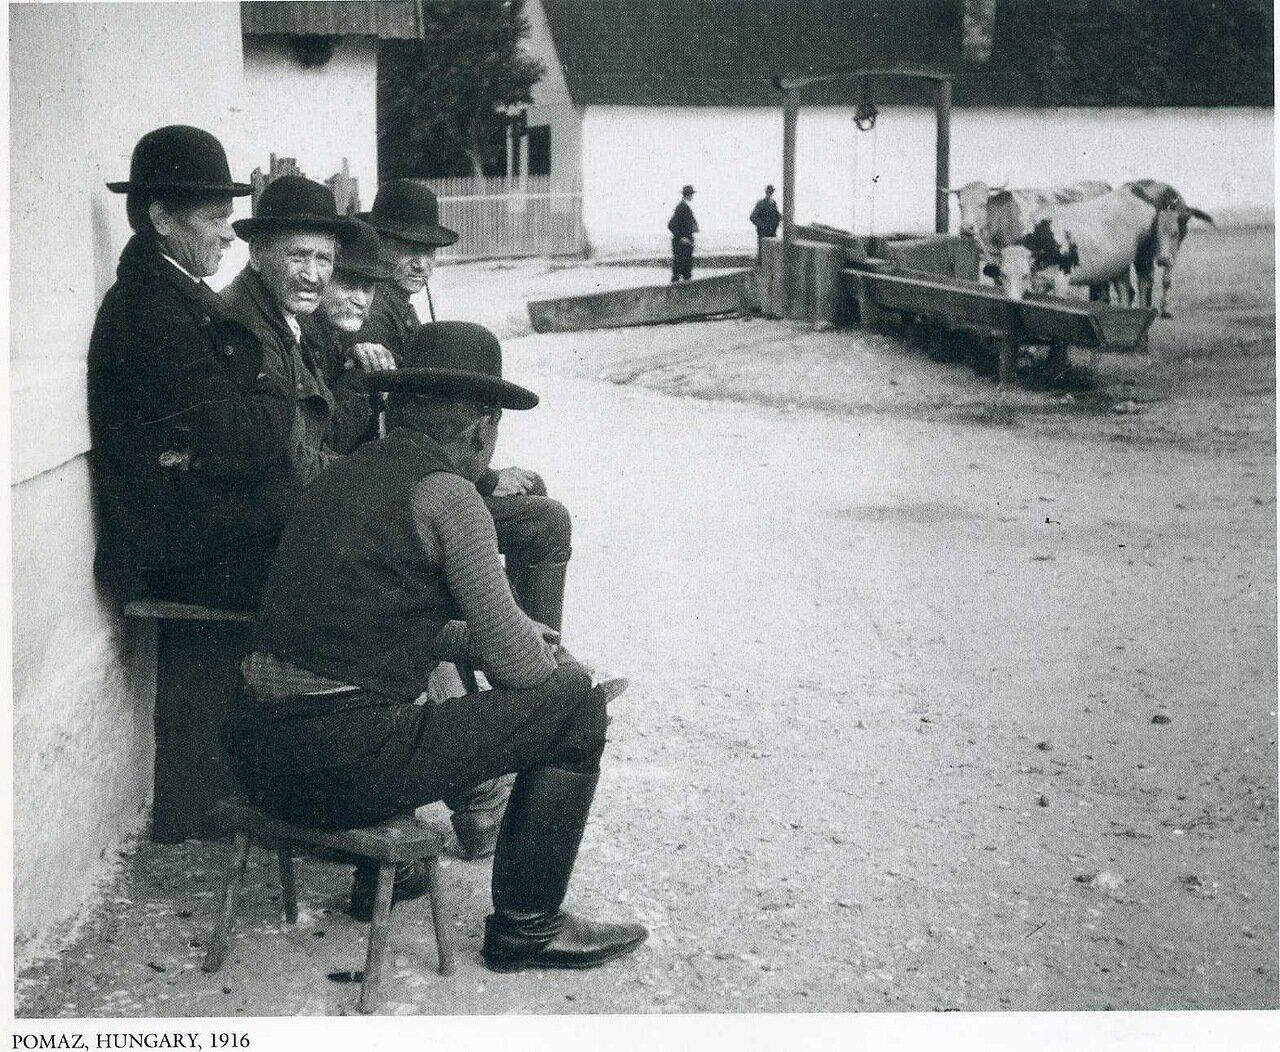 Помаз, Венгрия. 1916